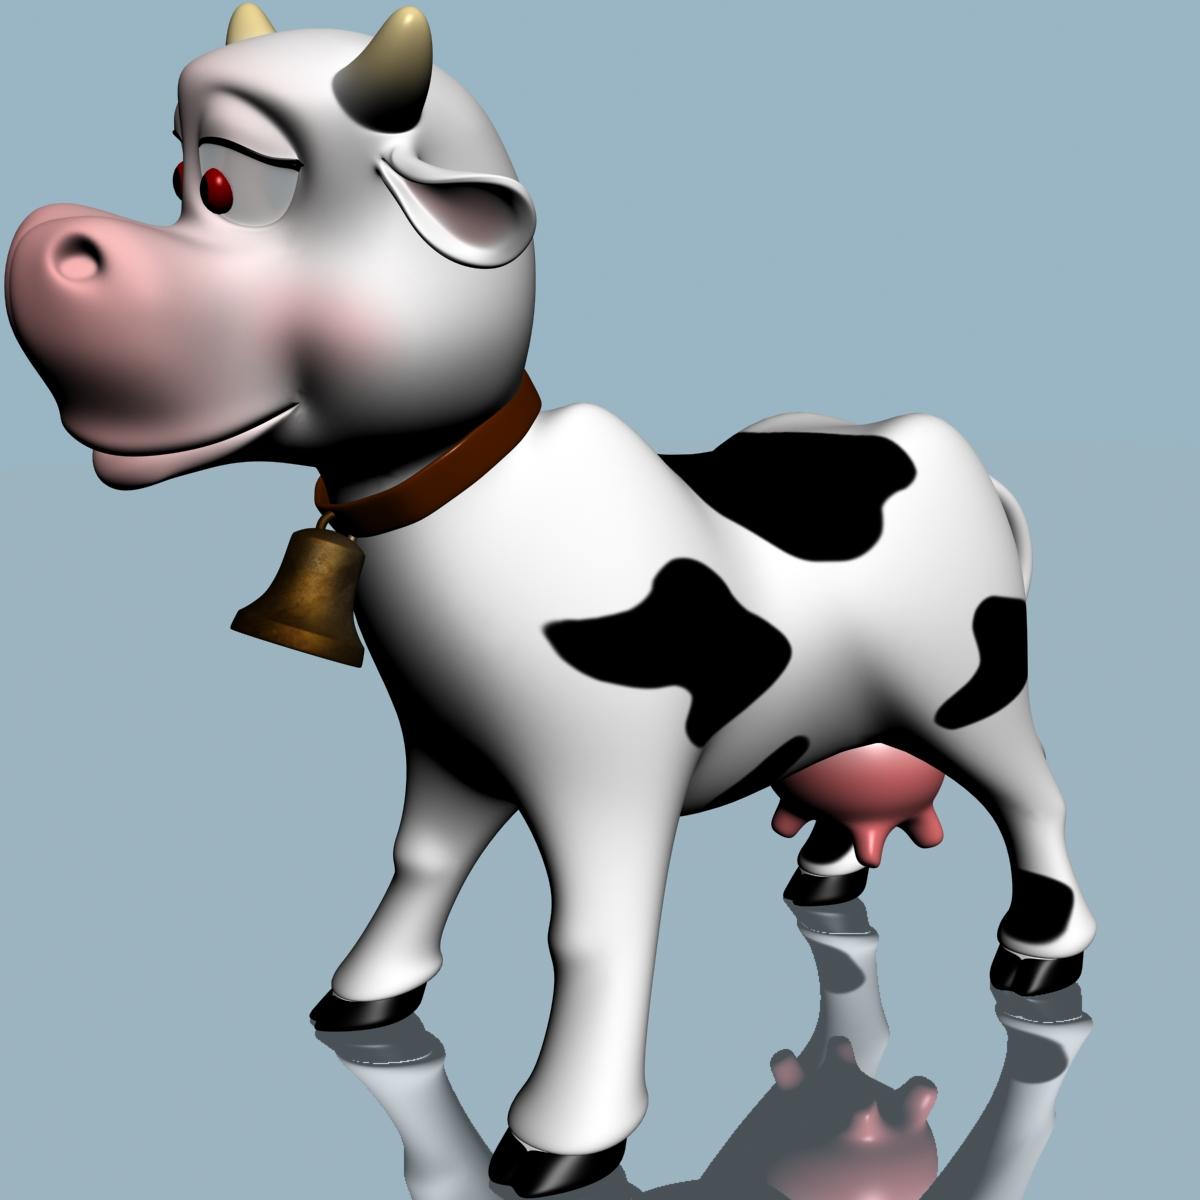 cartoon cow rigged 3d model mammals character 3ds max fbx obj ar vr